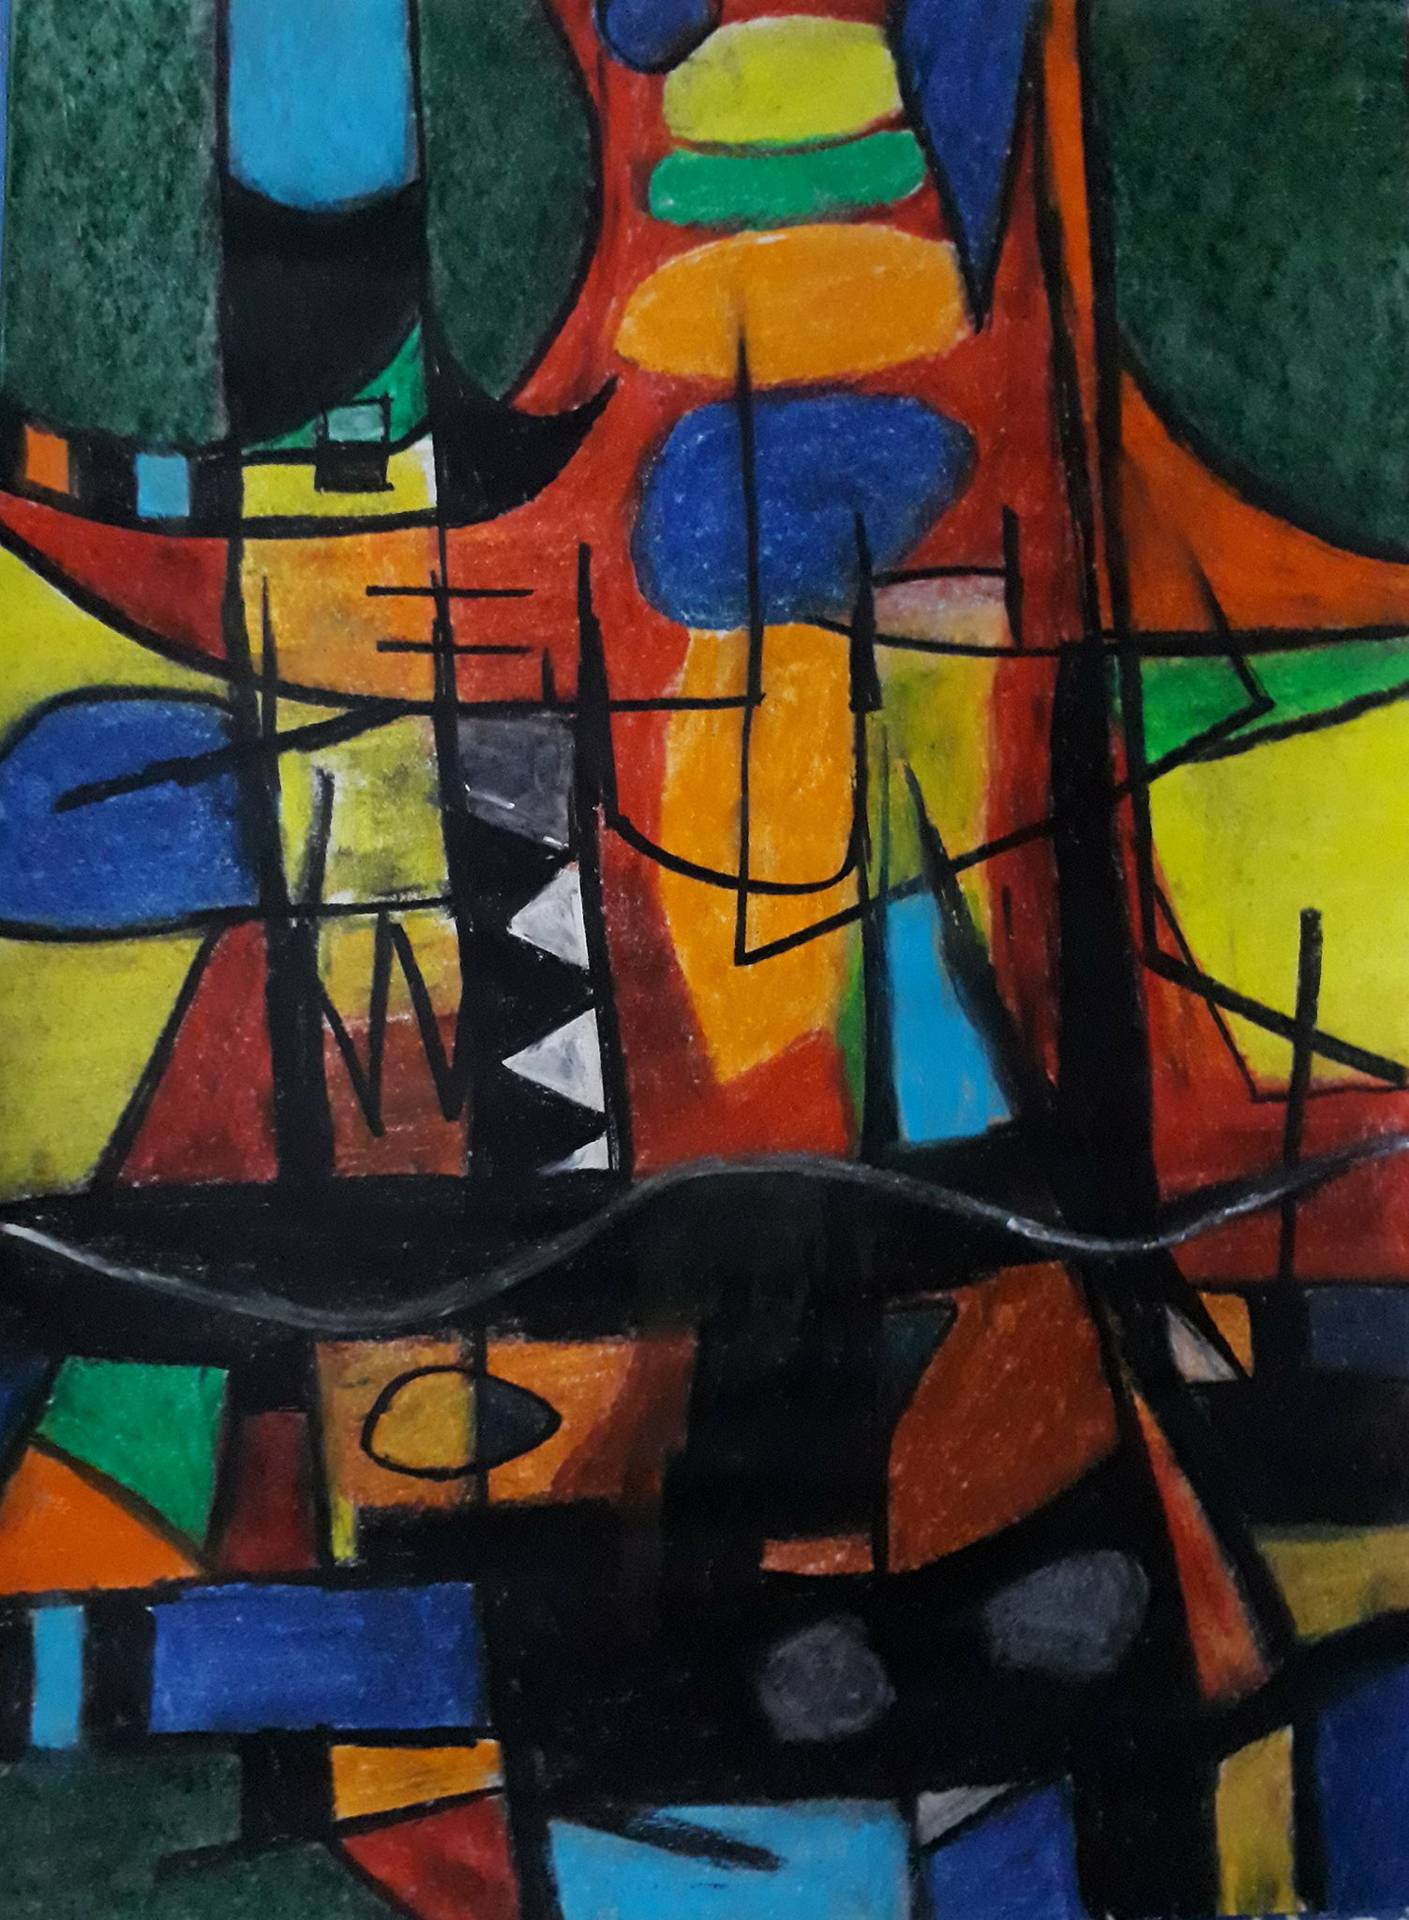 Composition, dipinto di Somnath Basuthakur